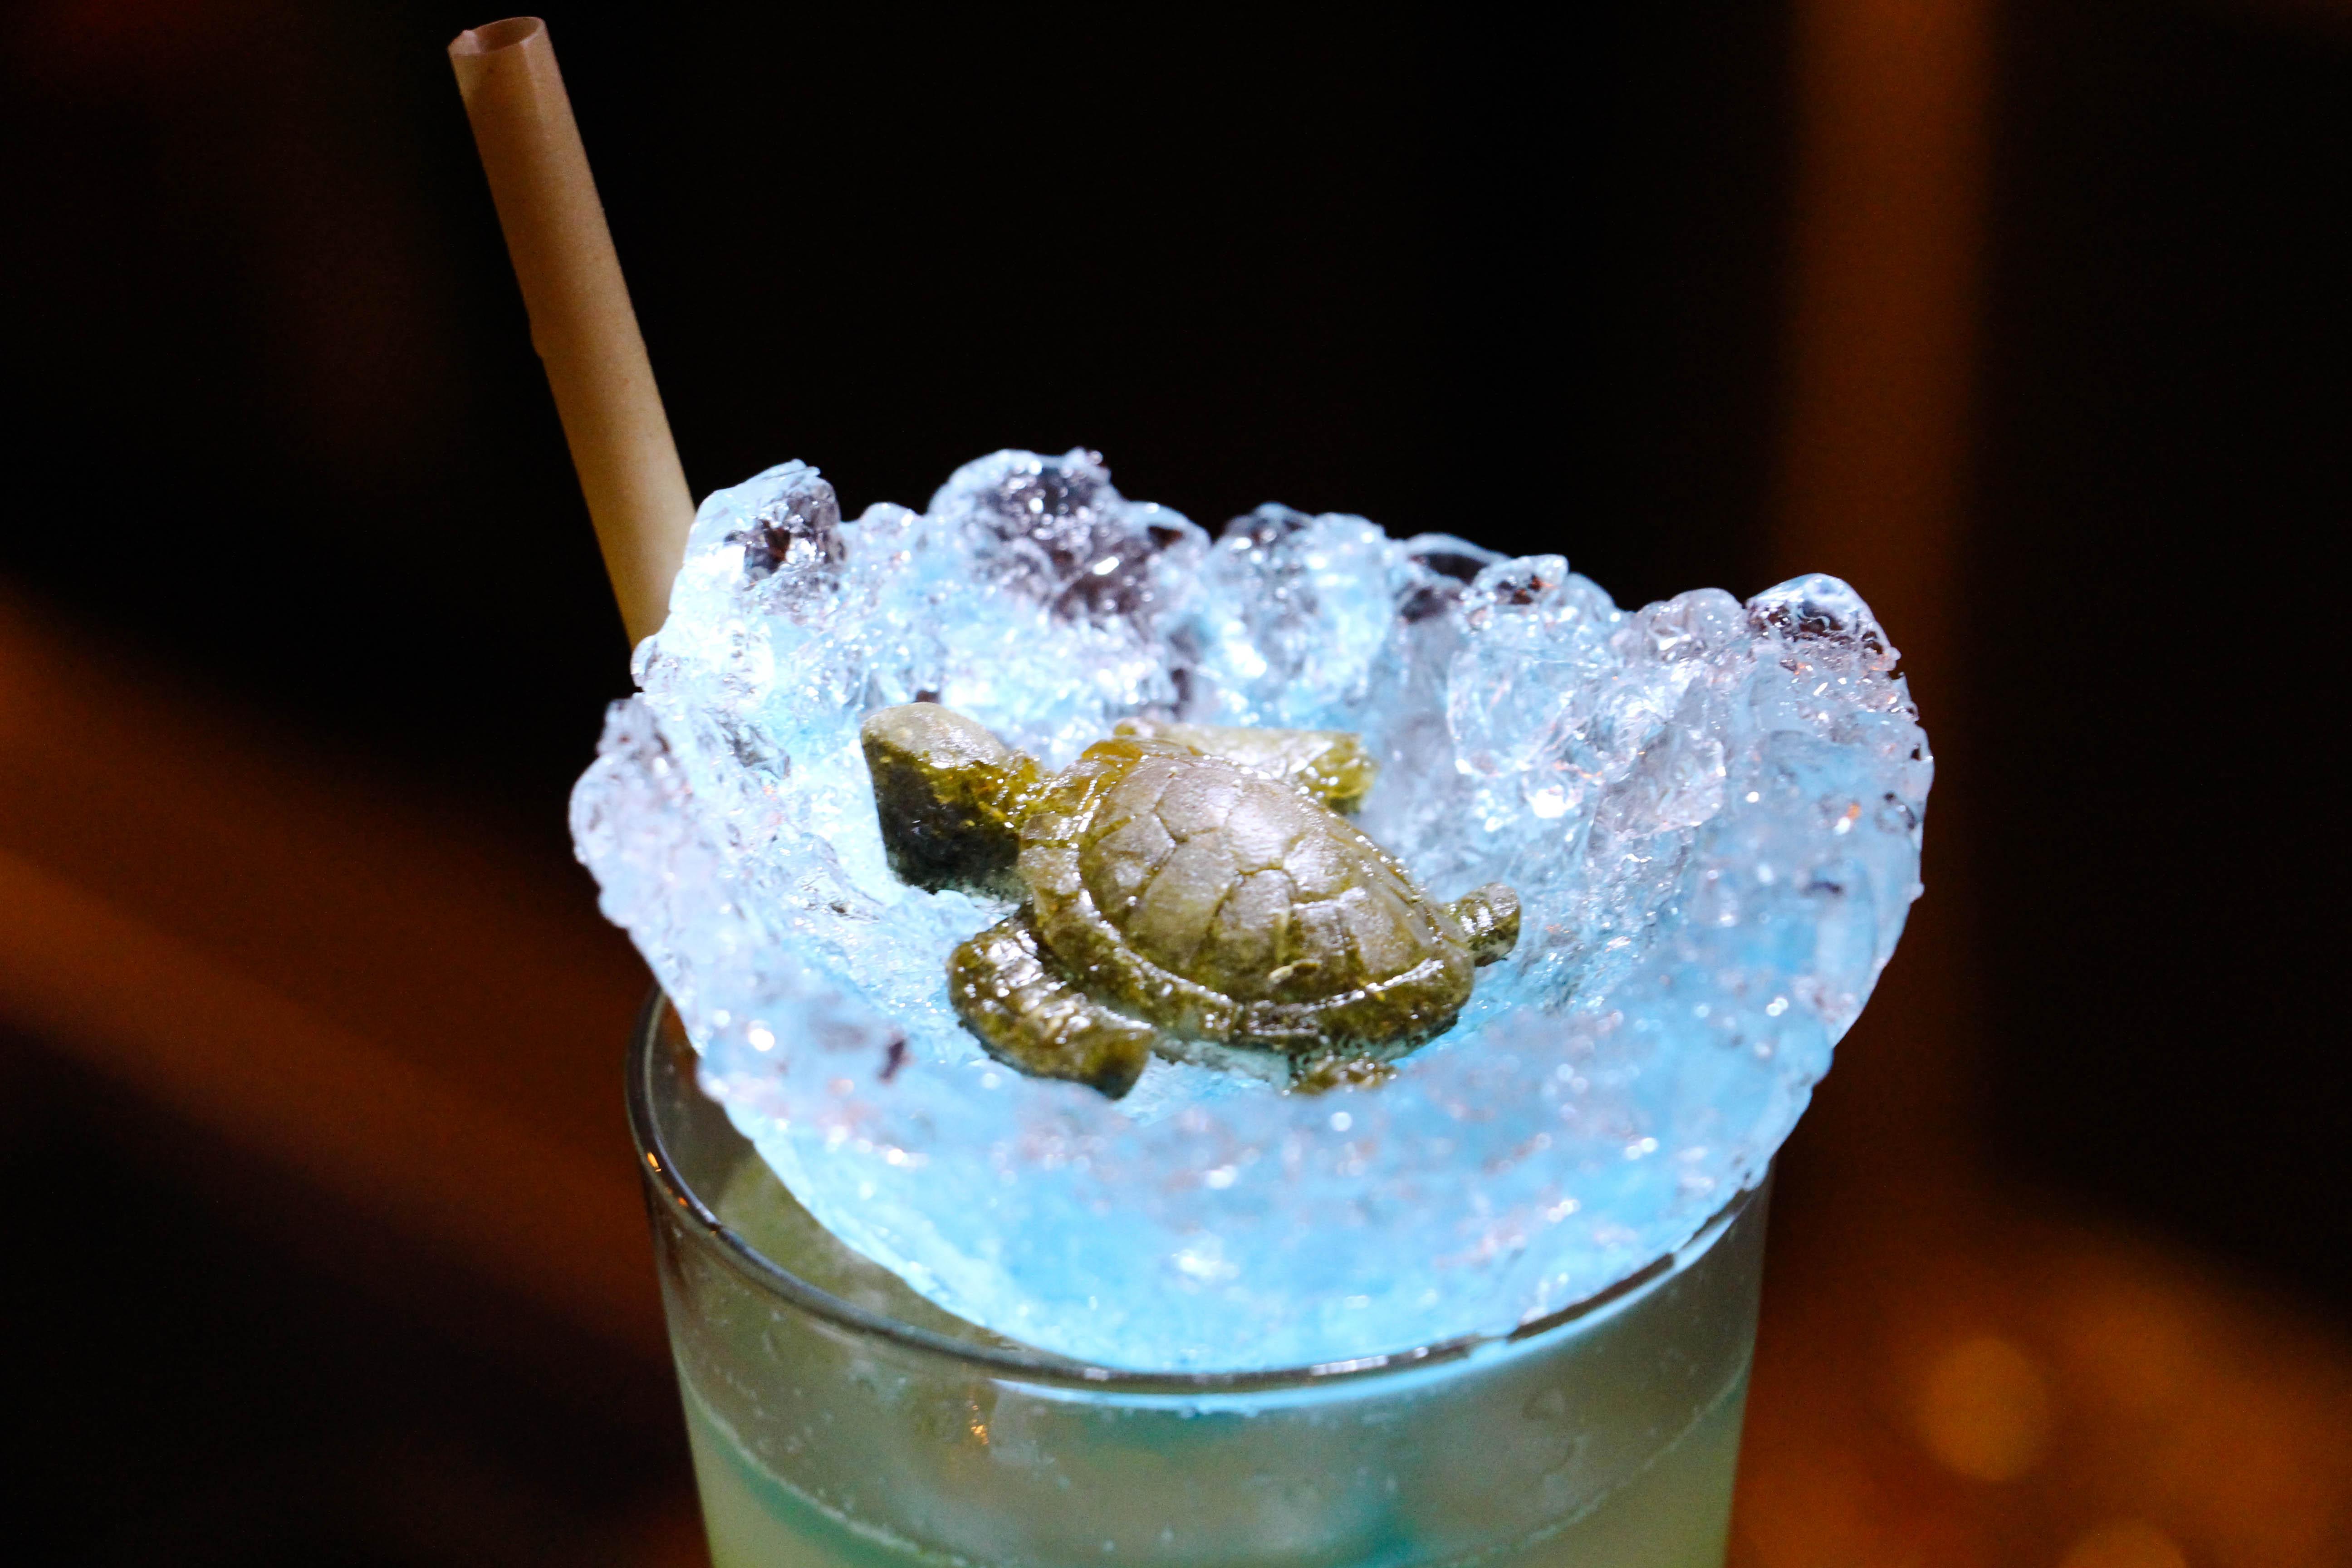 綠蠵龜調酒,為了守護環境,老闆特別挑選植物吸管搭配用碎冰製成的破殼海龜。